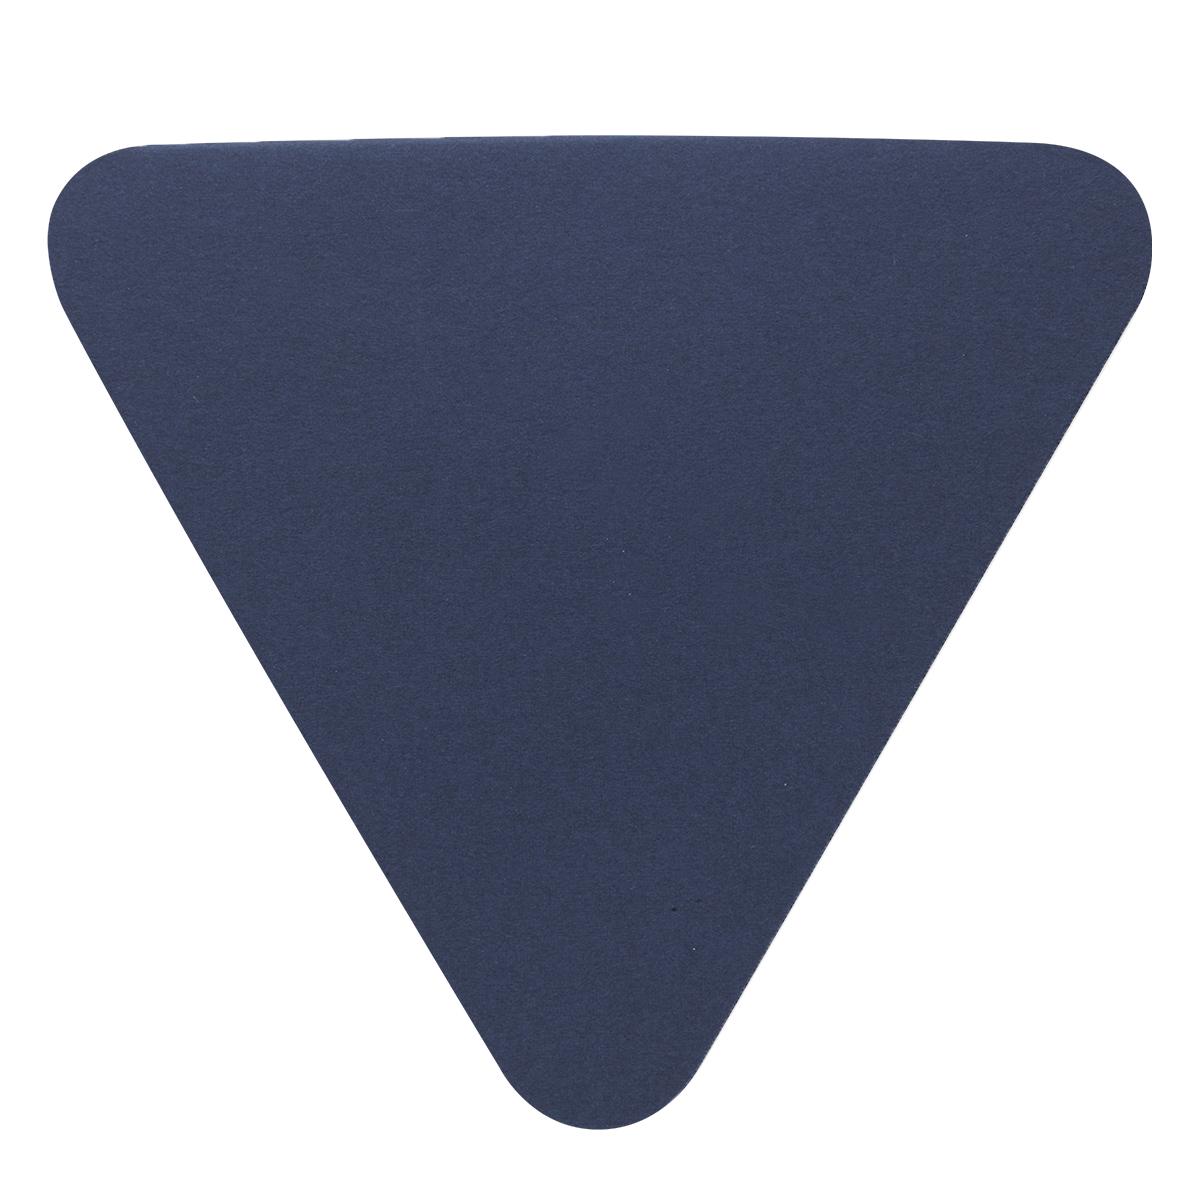 1359 - Porta notas triangular